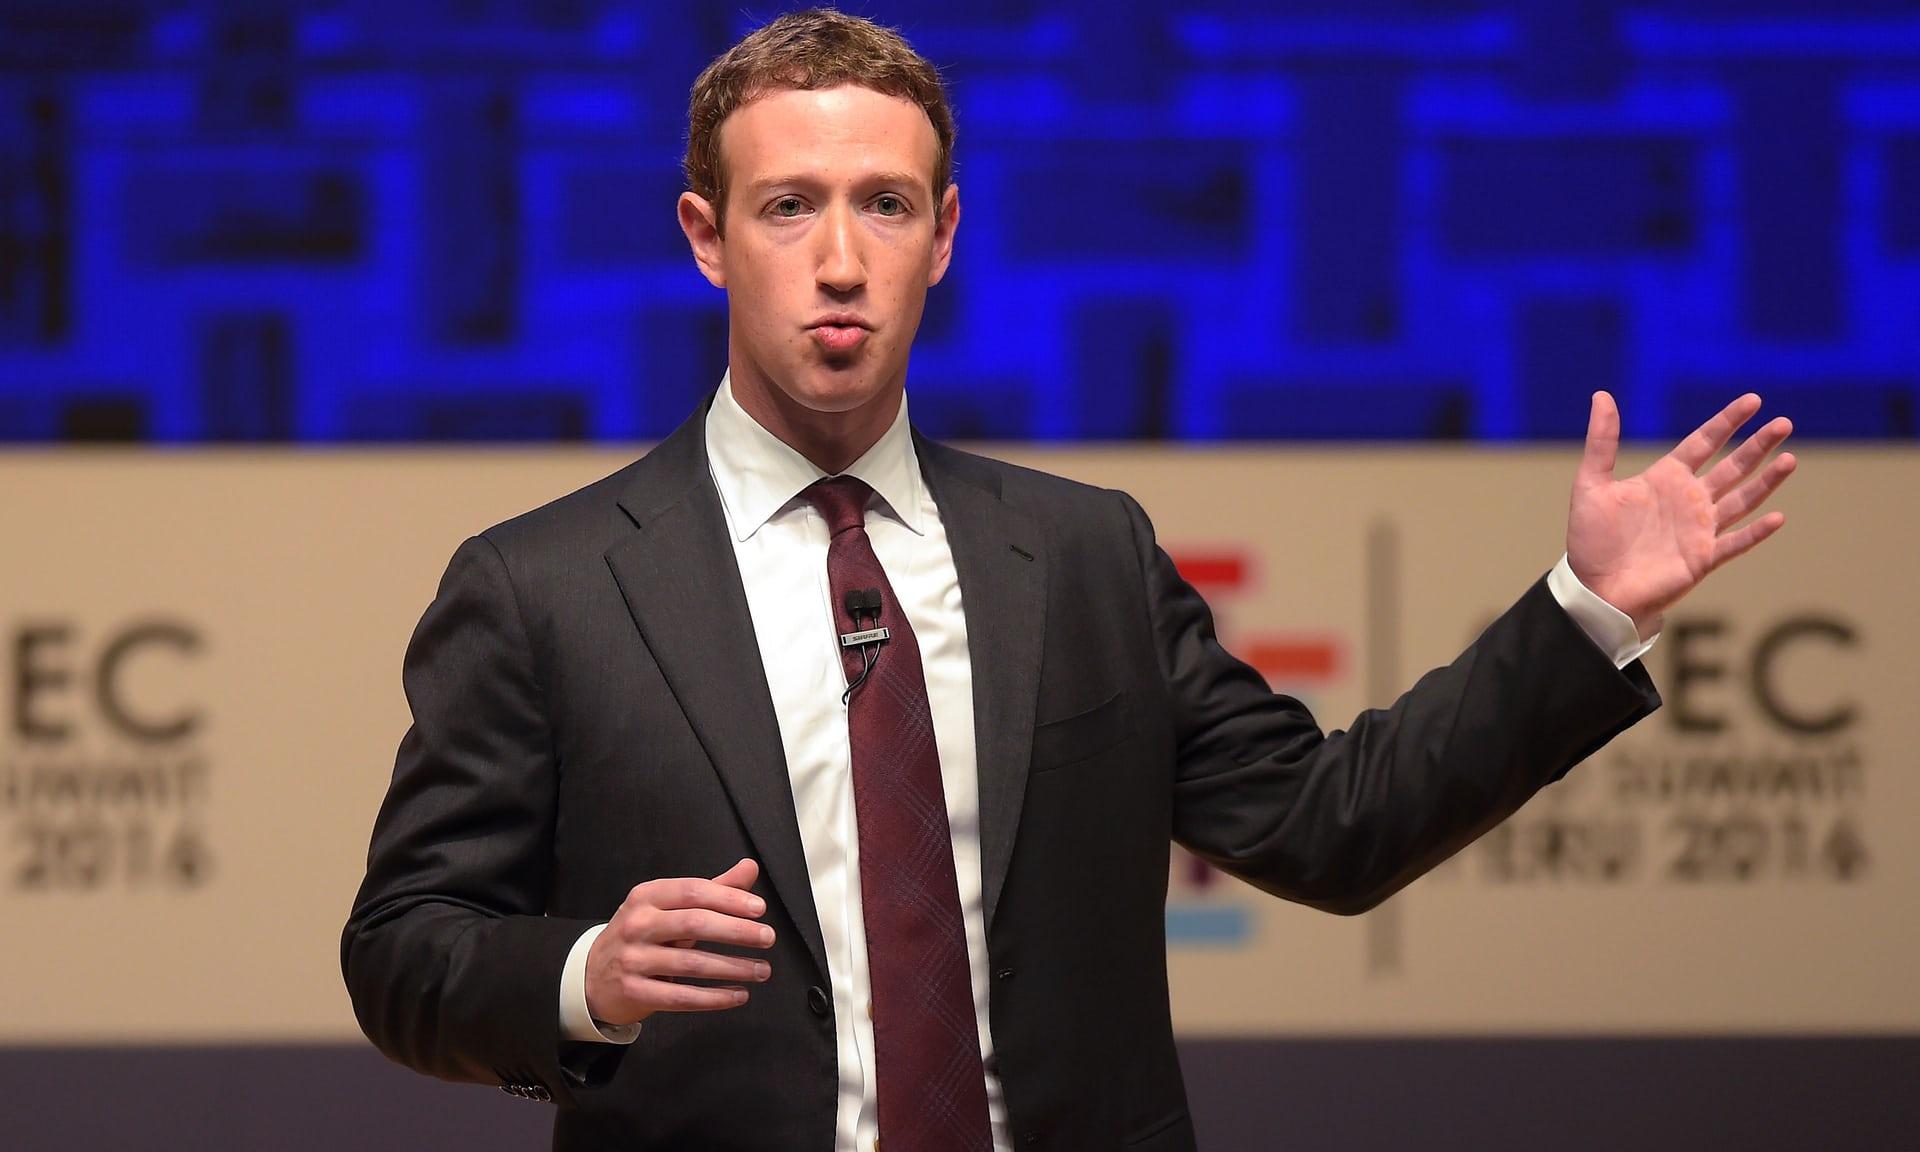 Чому Фейсбук залишиться раєм для політичних маніпуляцій  (переклад статті, опублікованої в The Guardian)